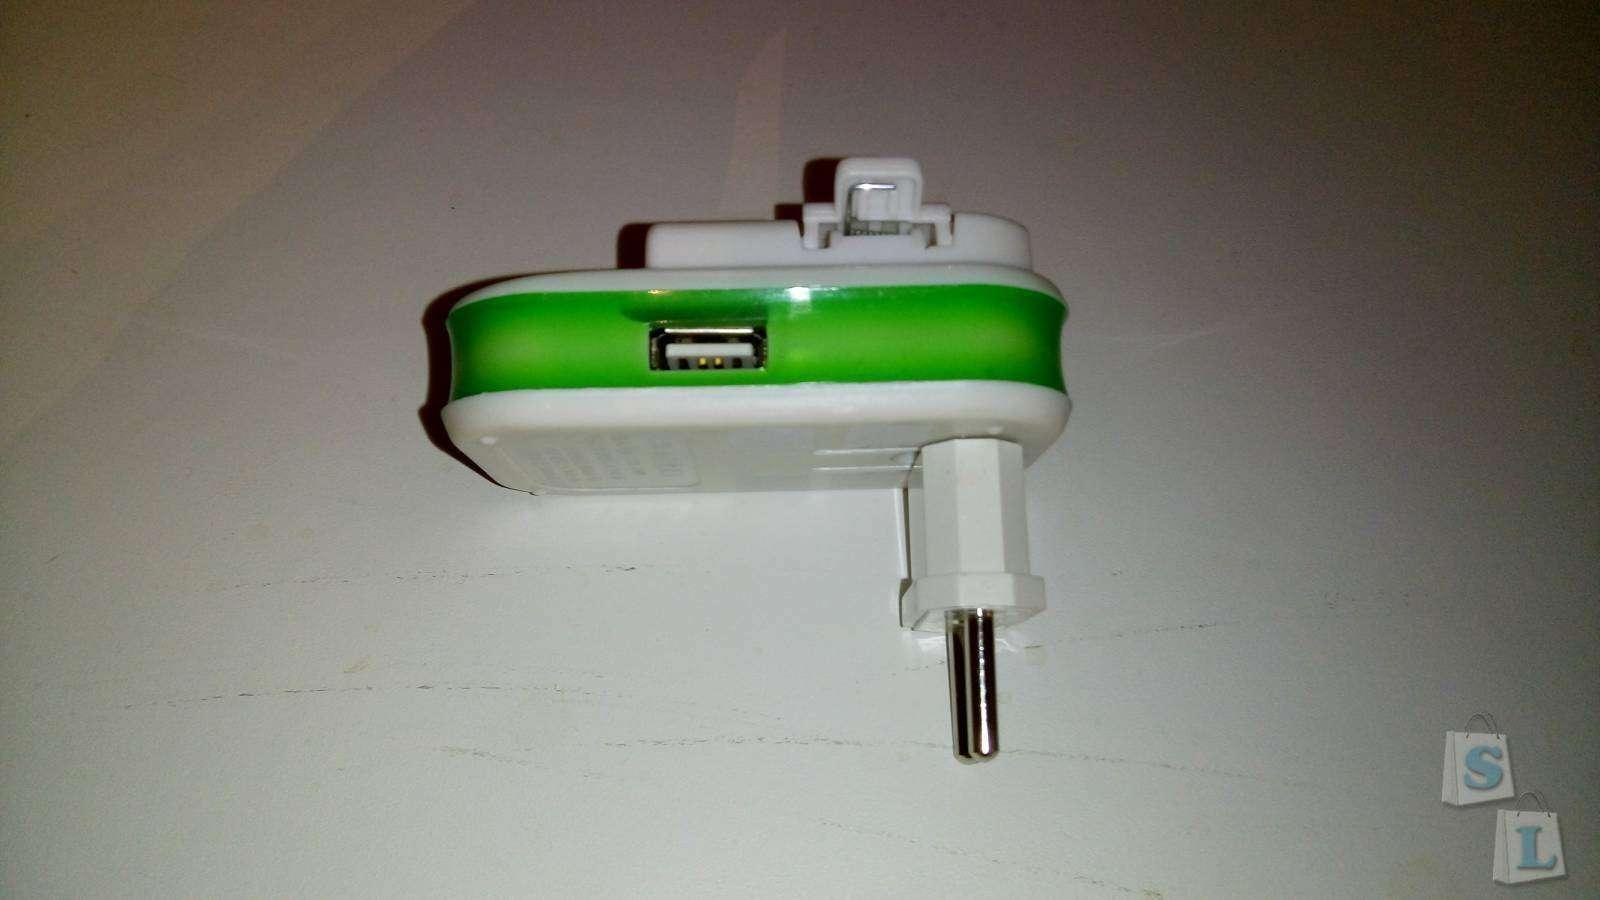 Aliexpress: Универсальное зарядное для телефонов и их аккумуляторов